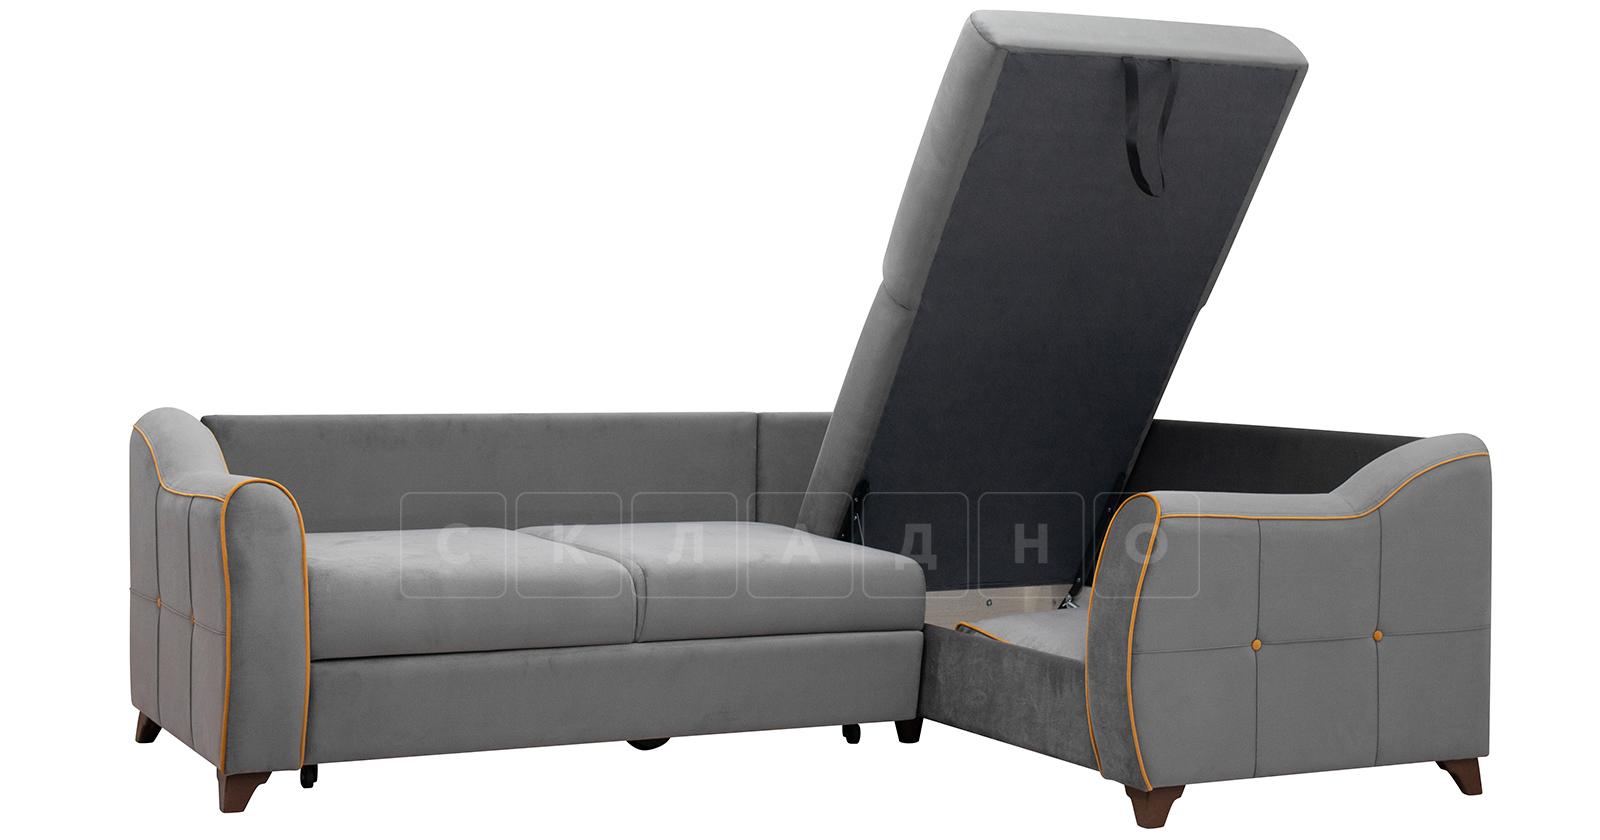 Диван-кровать угловой Флэтфорд кварцевый серый фото 4   интернет-магазин Складно